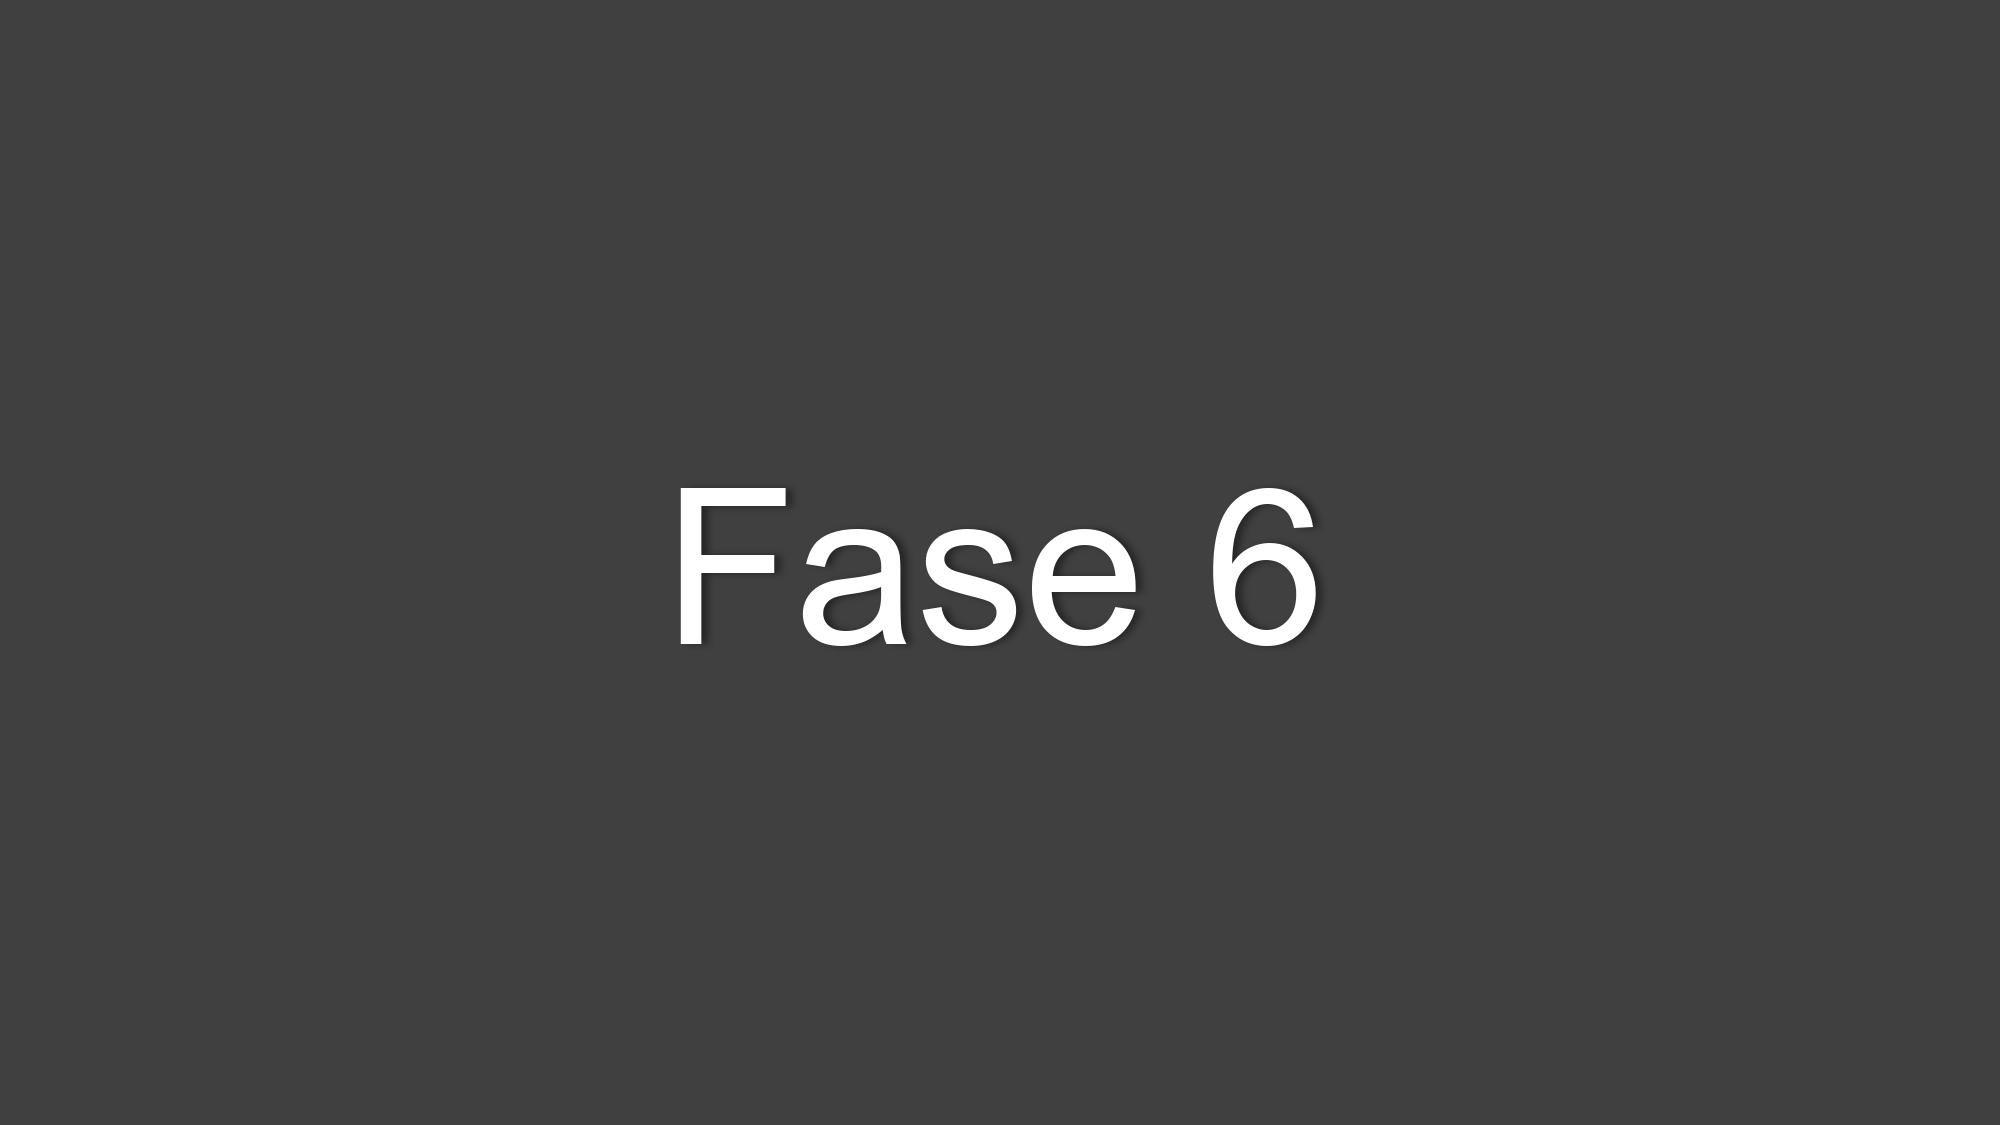 Fase 6